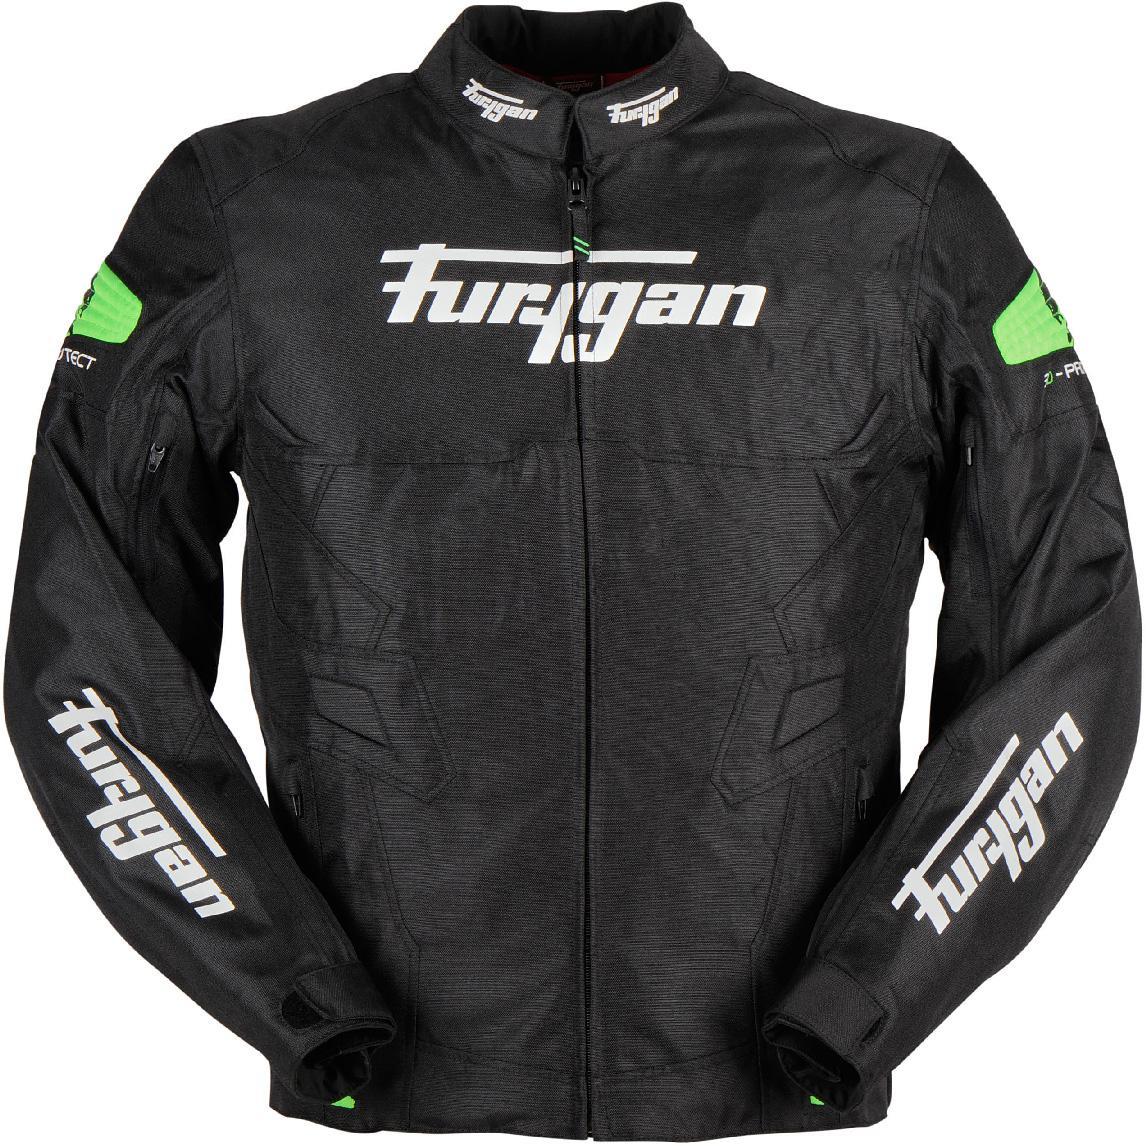 Veste moto été Furygan Atom - Panneaux en mesh (aération), protections coudes / épaules, poche dorsale